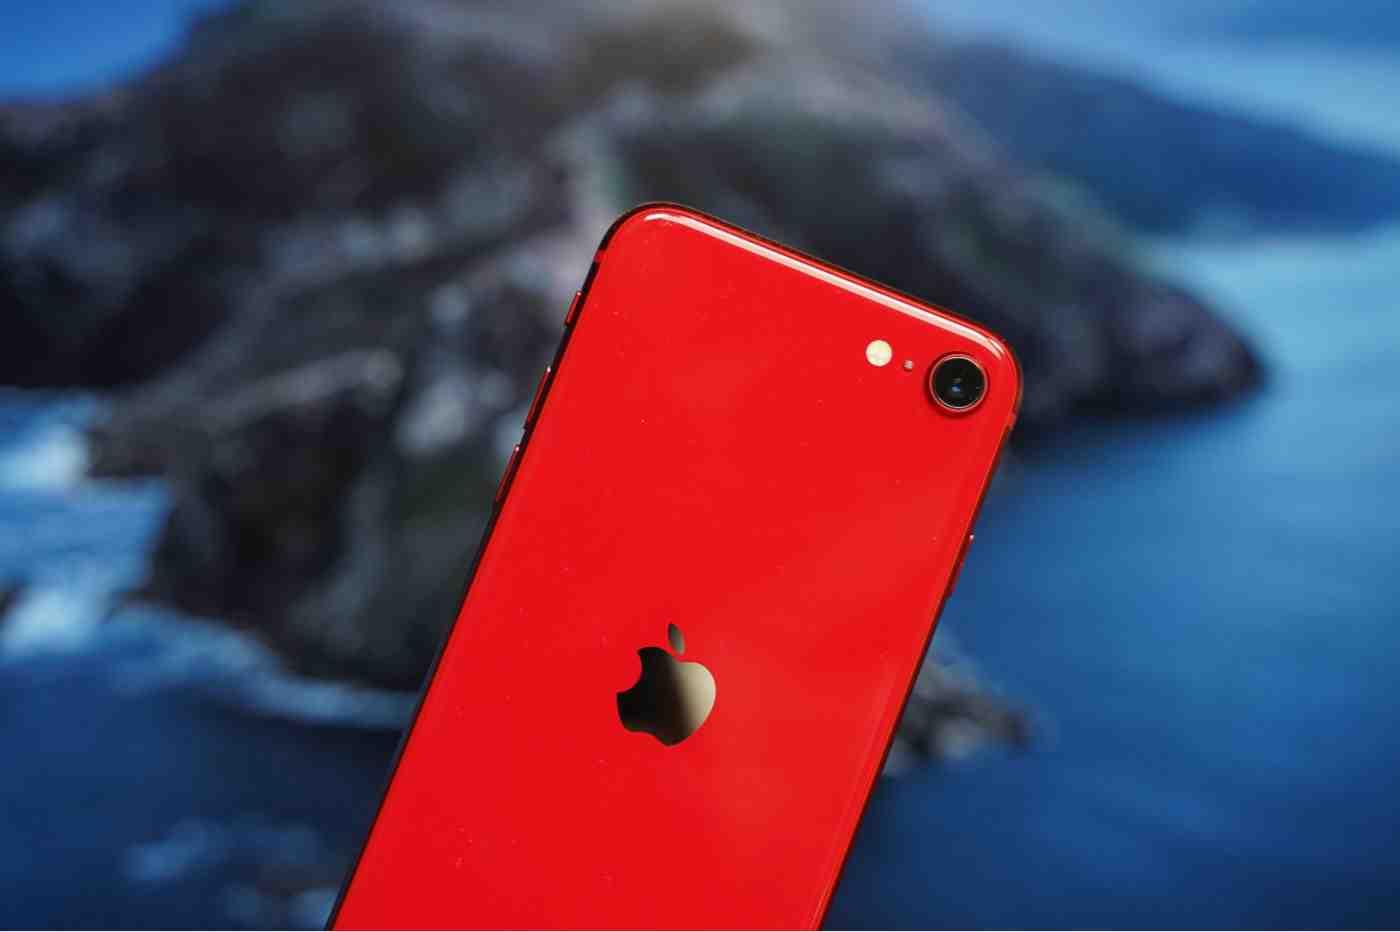 L'iphone 12 mini peut-il utiliser esim